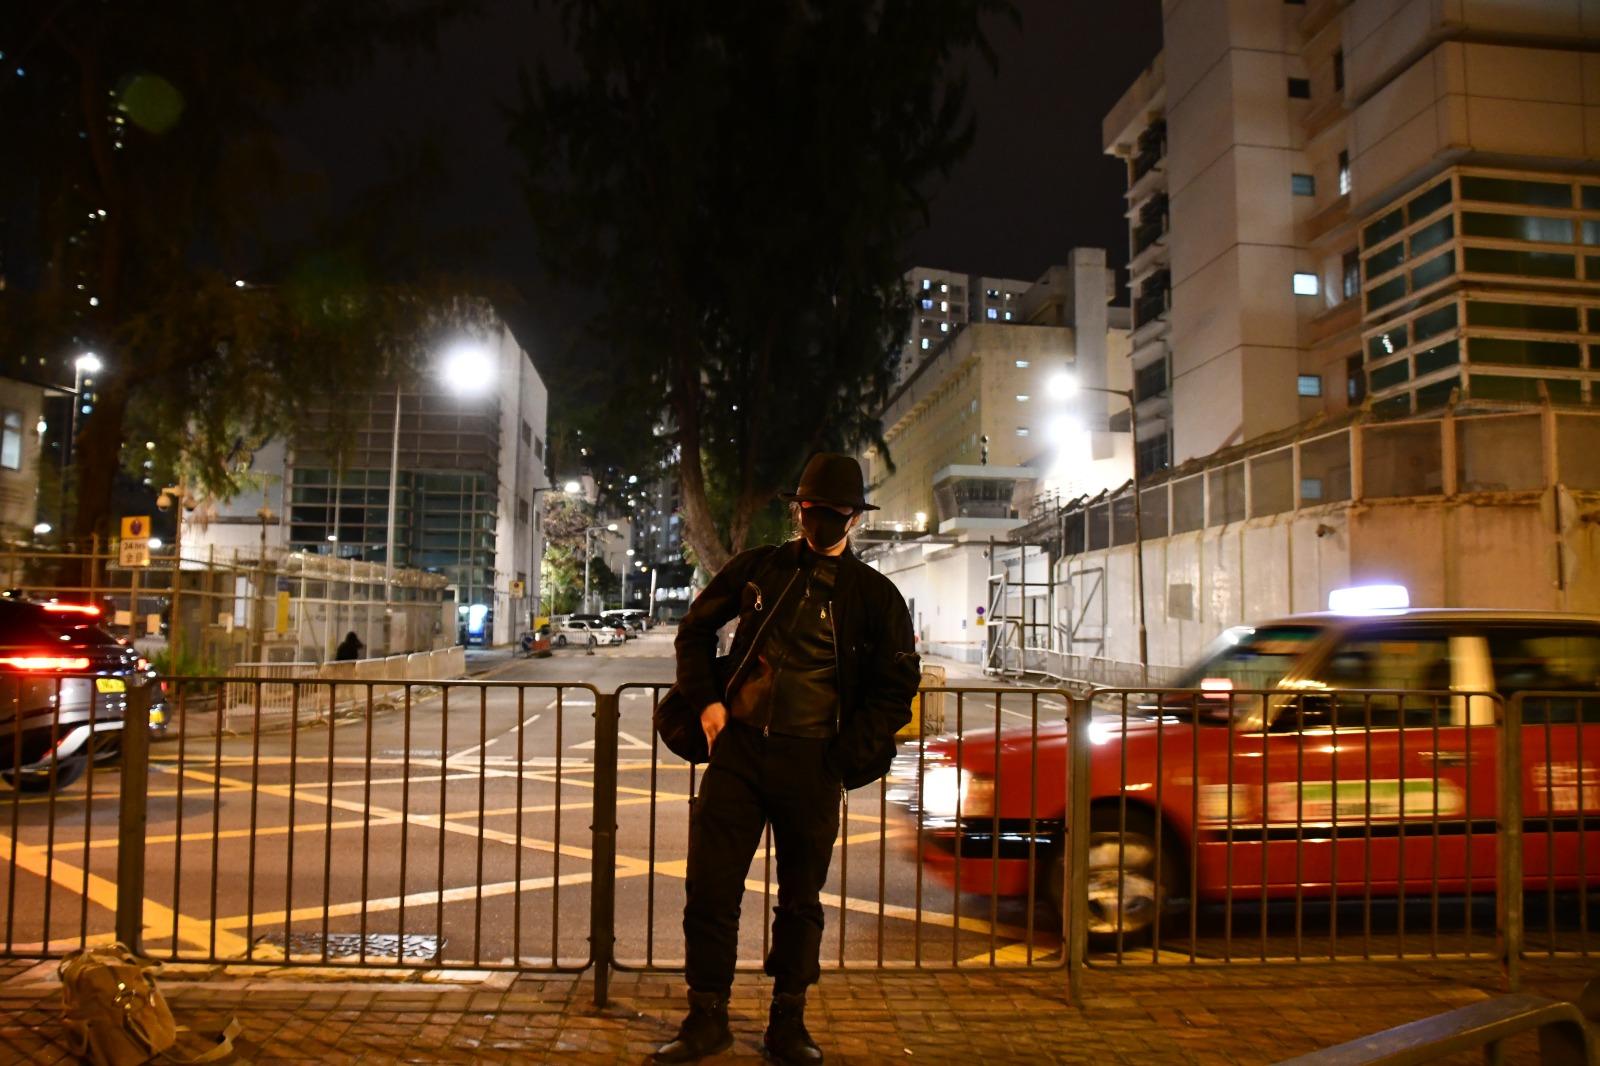 1月11日,人稱「理大廚房佬 」的施景騫從荔枝角收押釋放。(攝影:Big Mack)